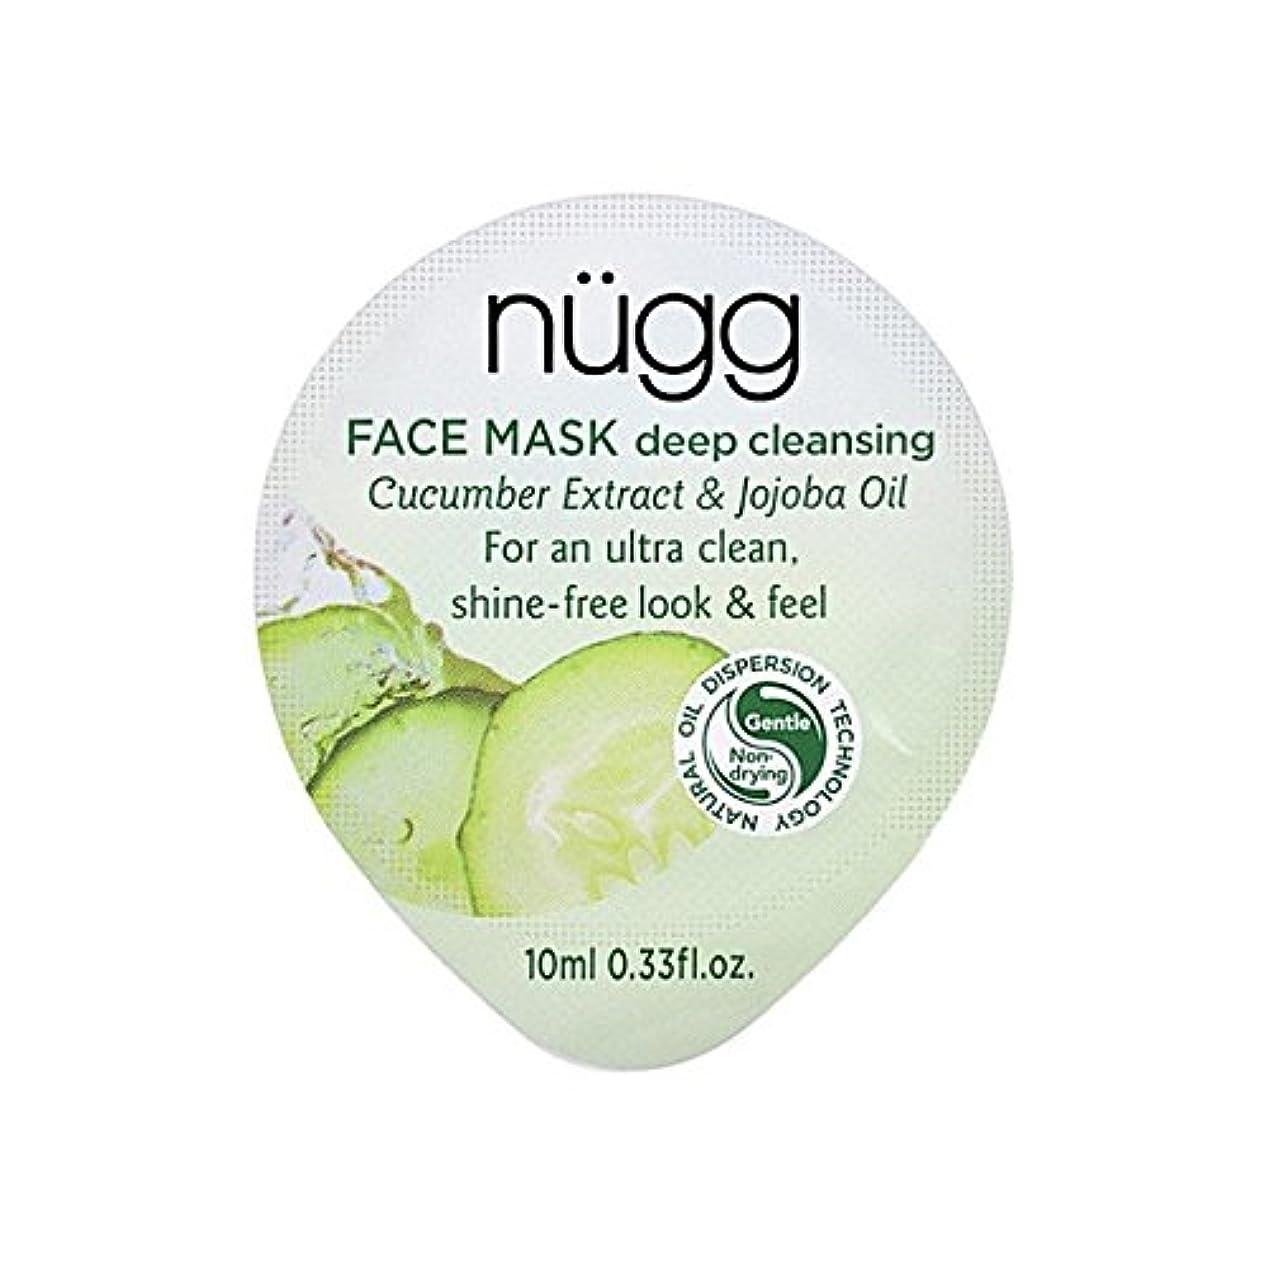 雇った彼らのメアリアンジョーンズディープクレンジングフェイスマスク x2 - Nugg Deep Cleansing Face Mask (Pack of 2) [並行輸入品]